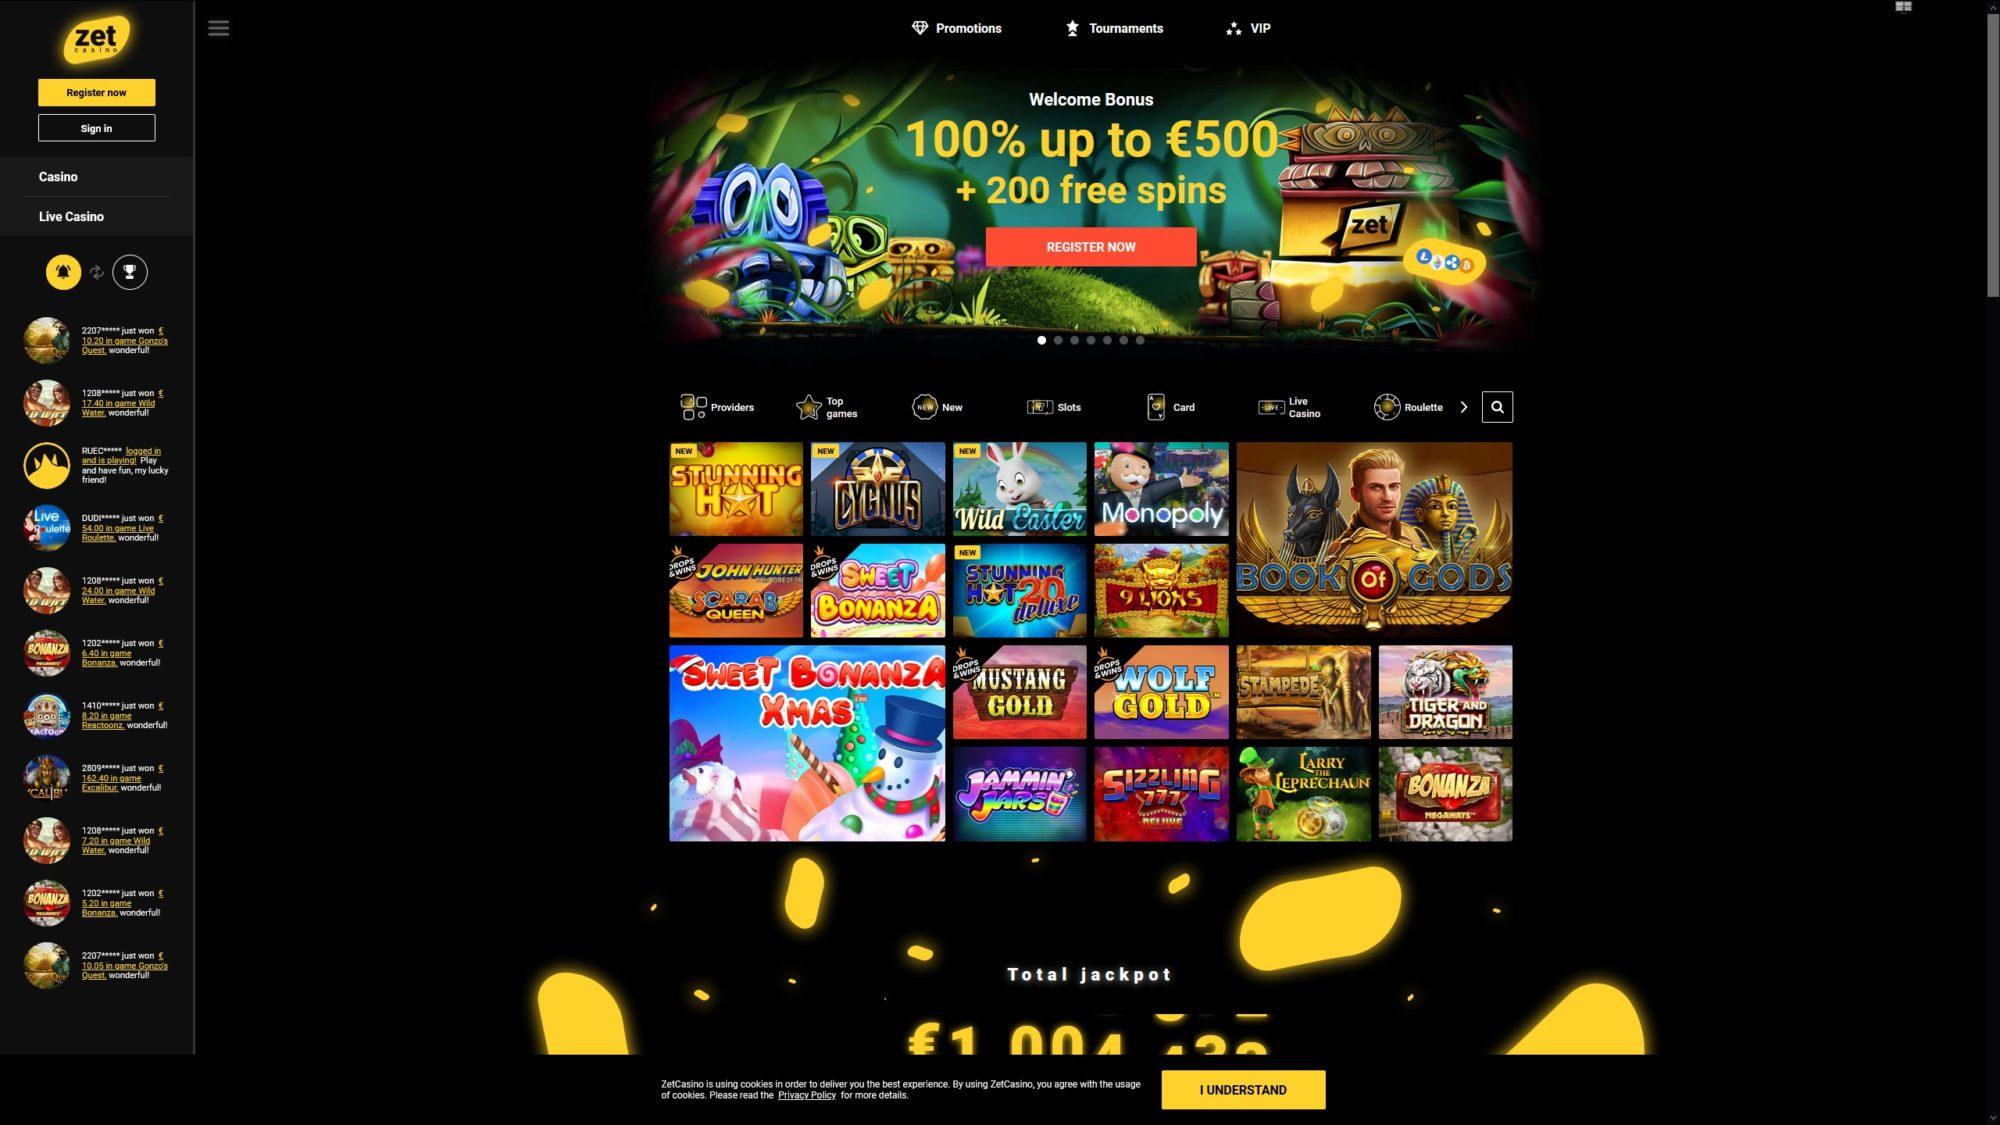 Zet Casino First Look